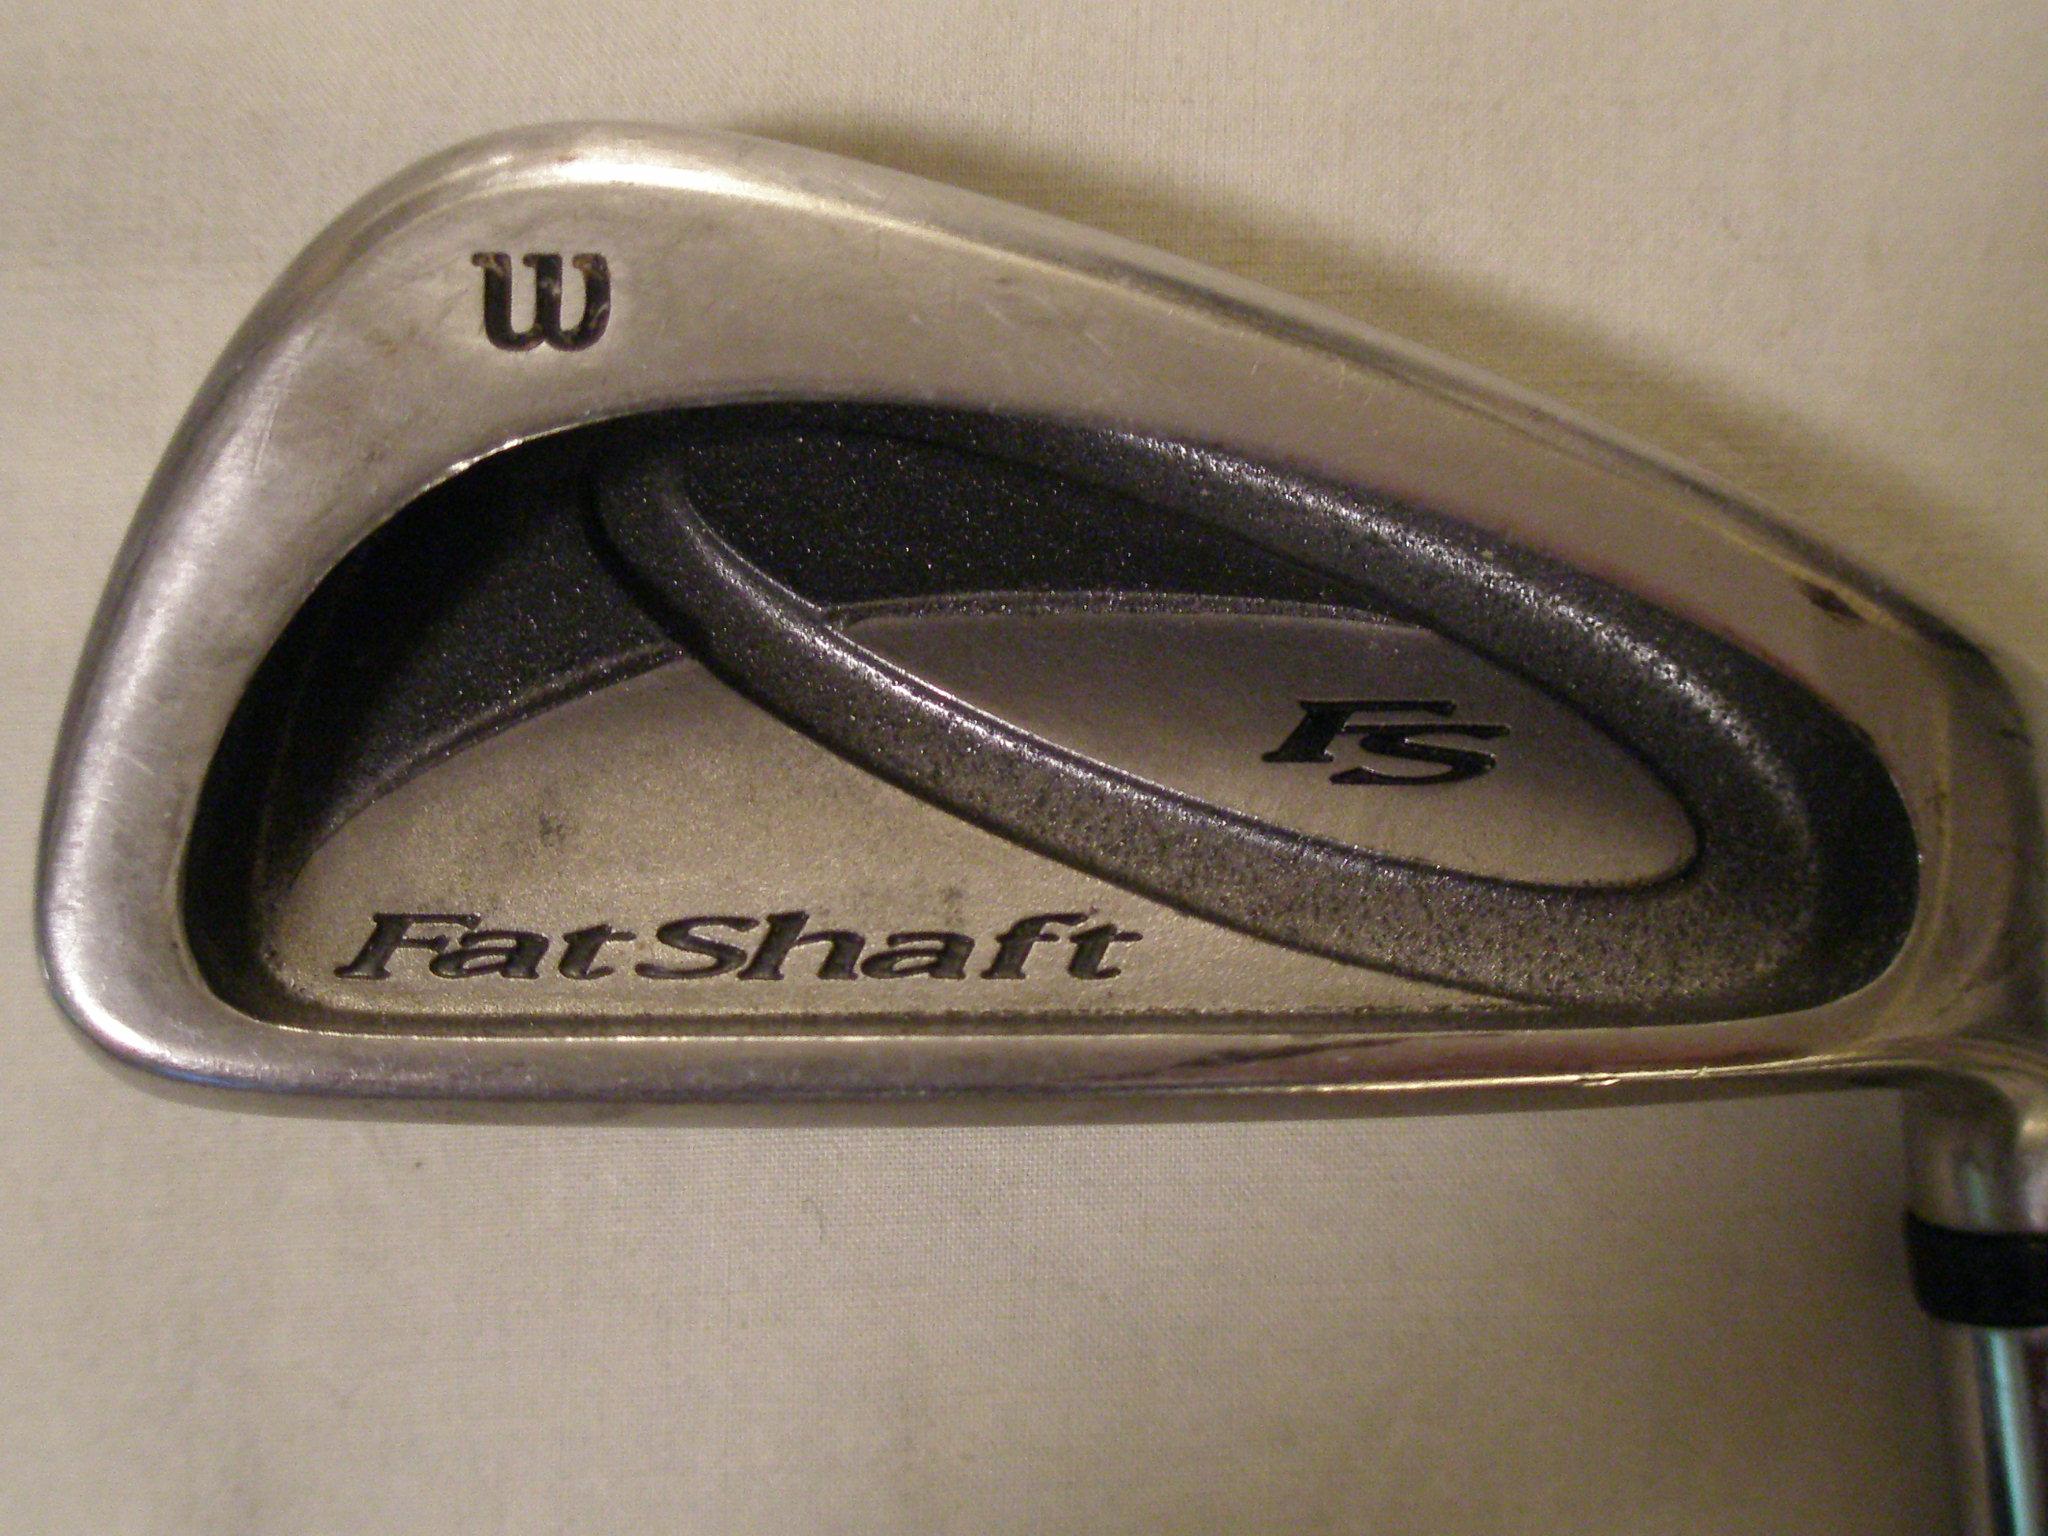 Fat Shaft Irons 52